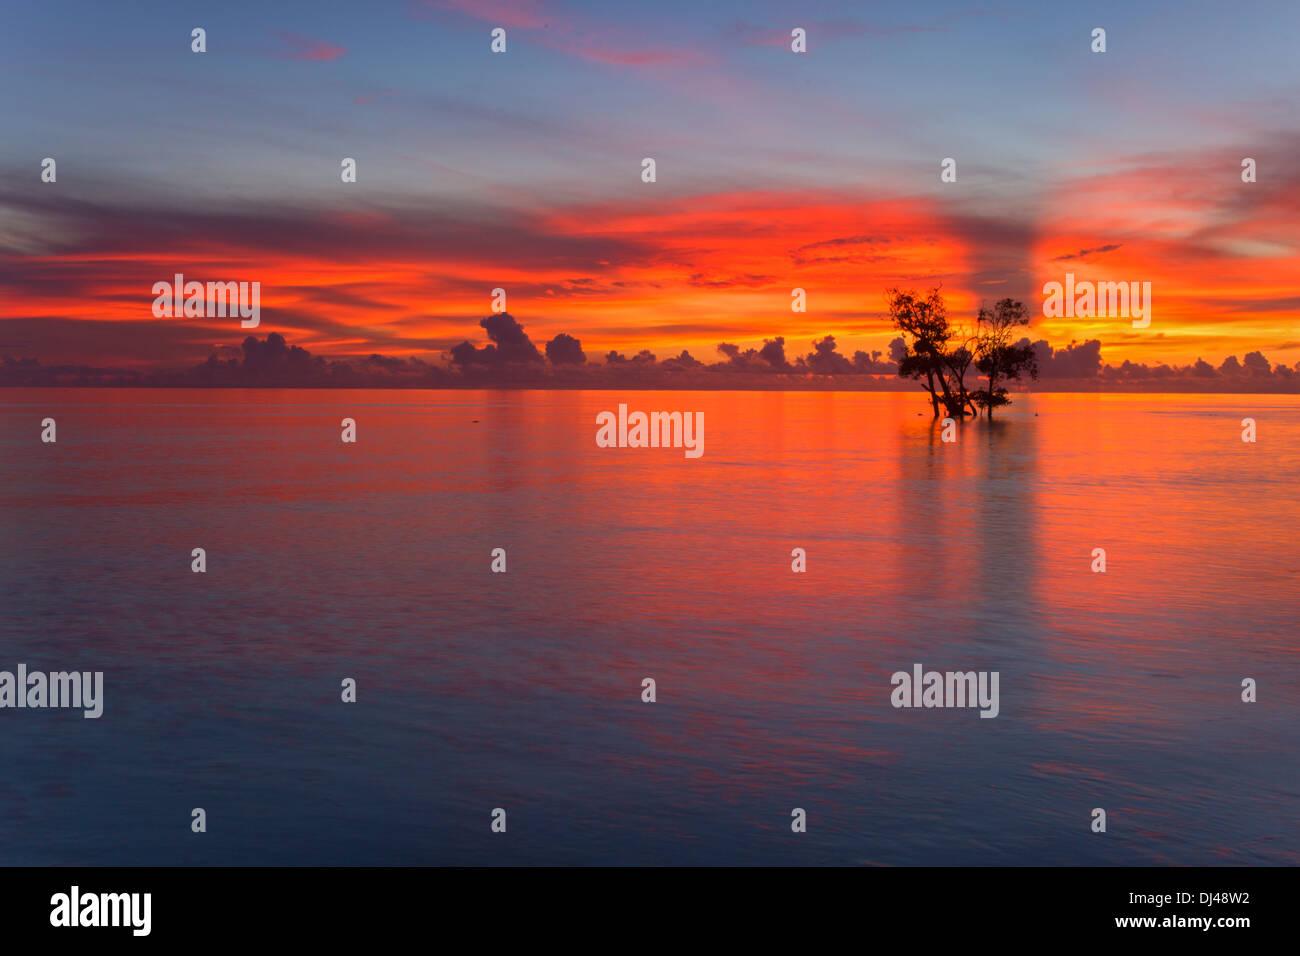 Sunrise at Havelock Island, Andaman India) - Stock Image